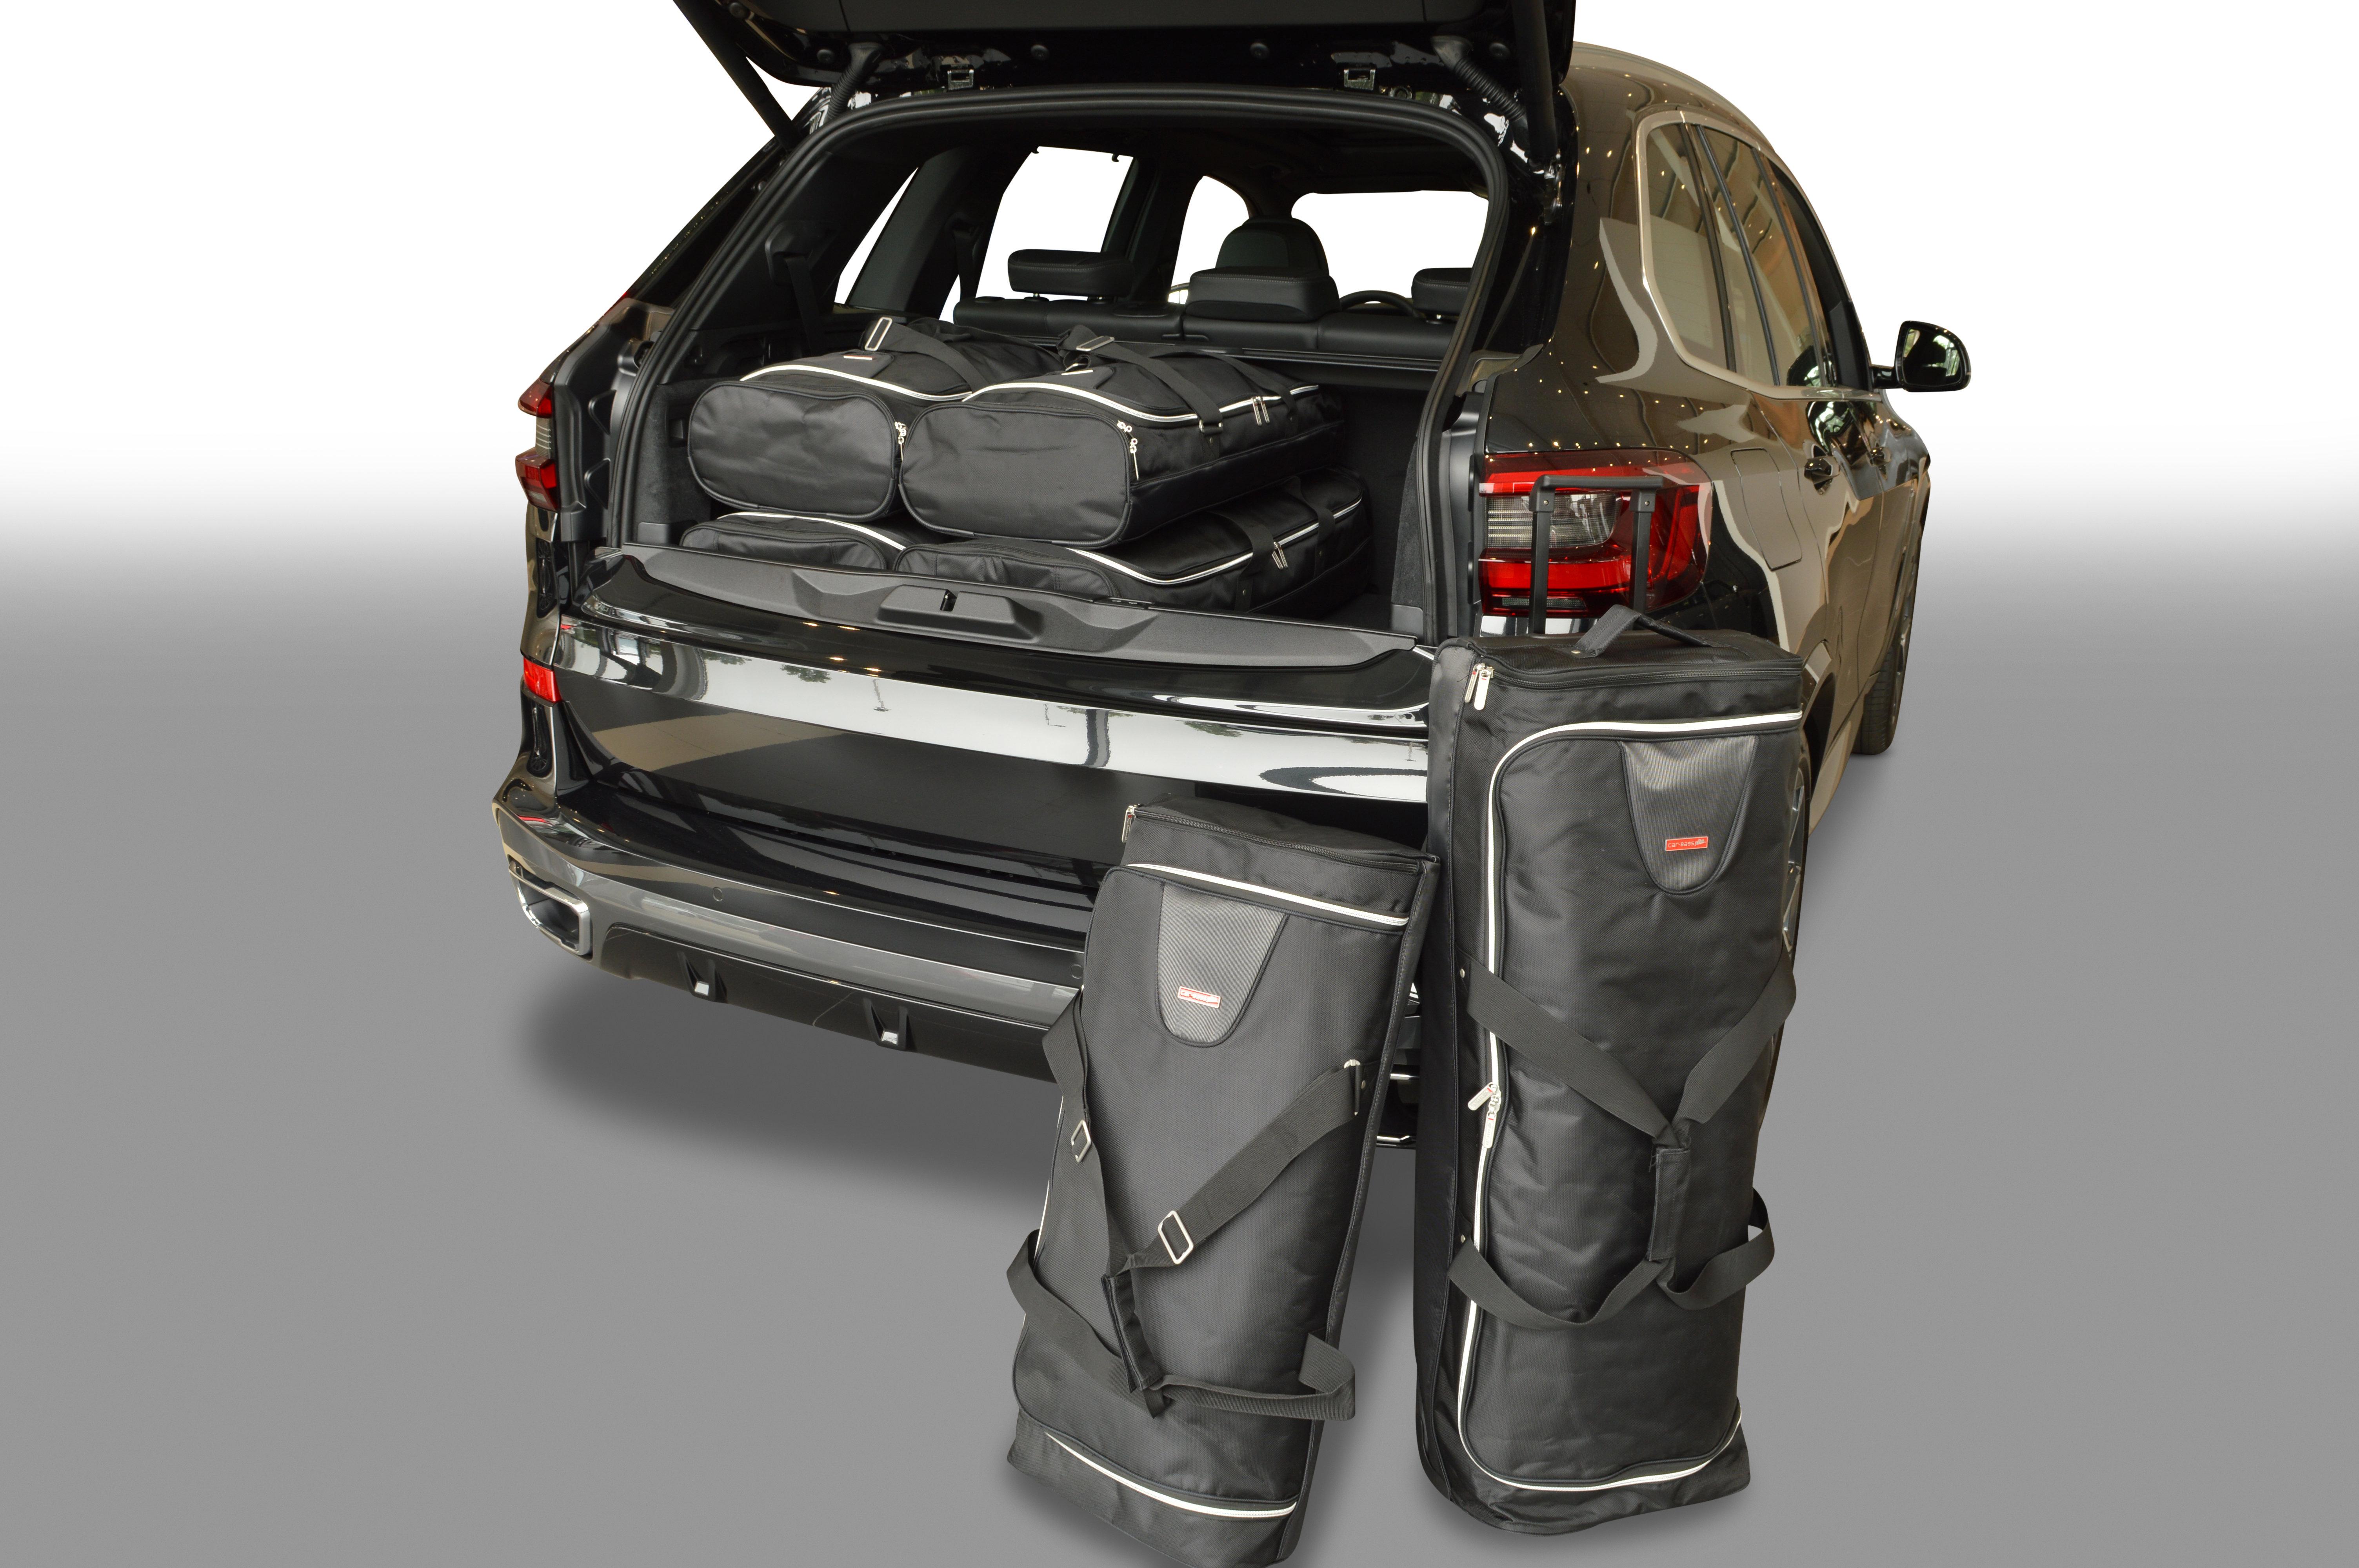 Tassenset Carbags voor BMW X5 (G05) SUV vanaf 2018